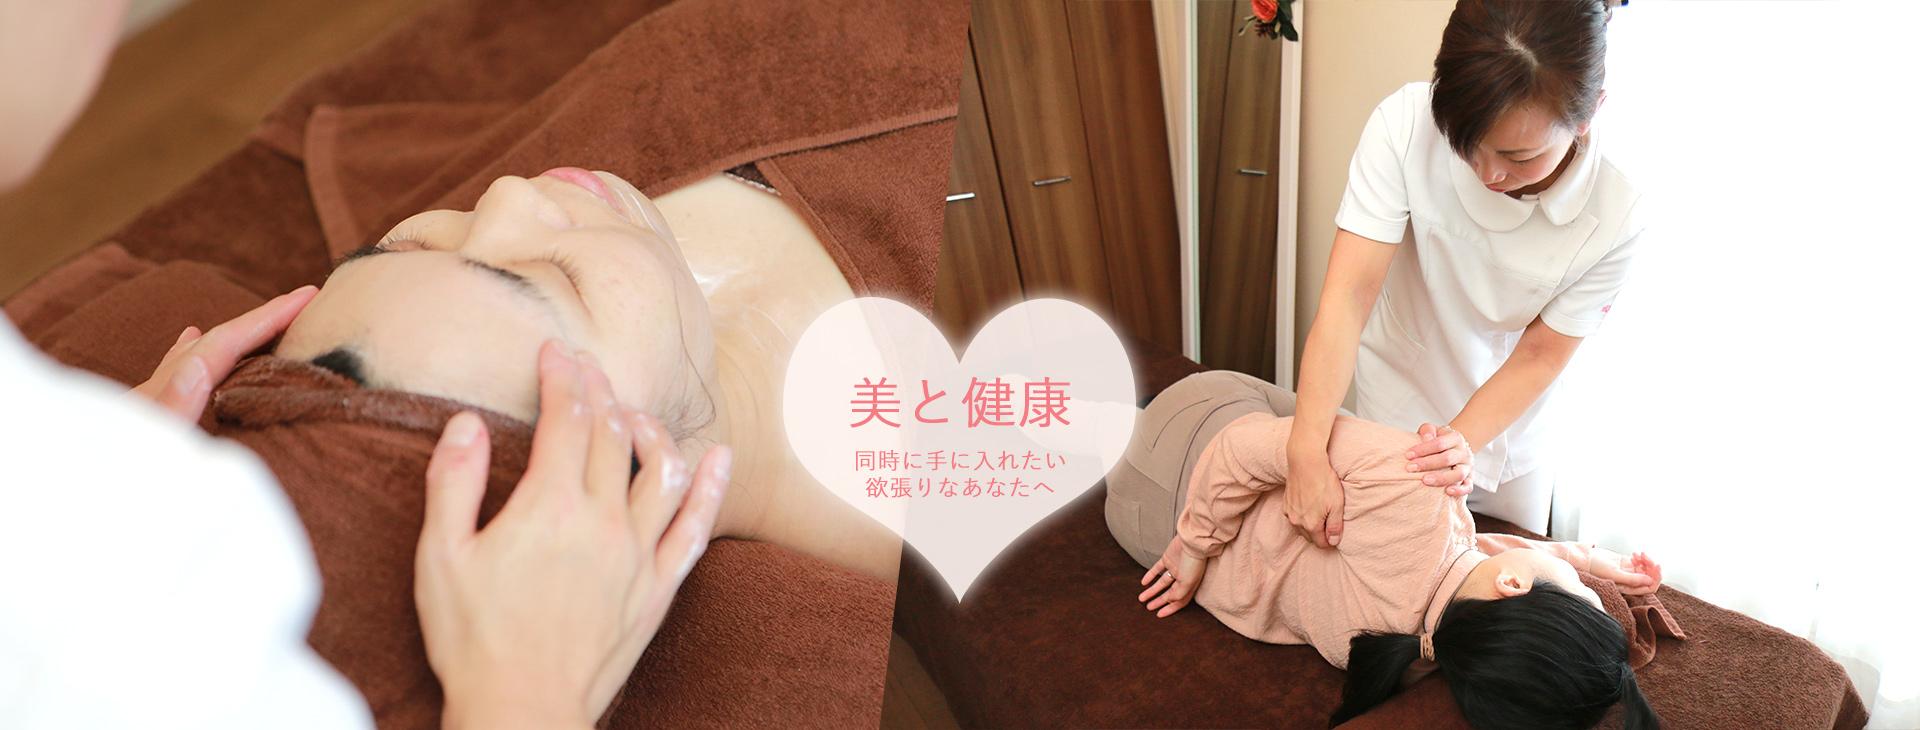 美容カイロ clover(クローバー)| 横浜市戸塚区にあるエステ+カイロプラティックの施術を行うプライベートサロン